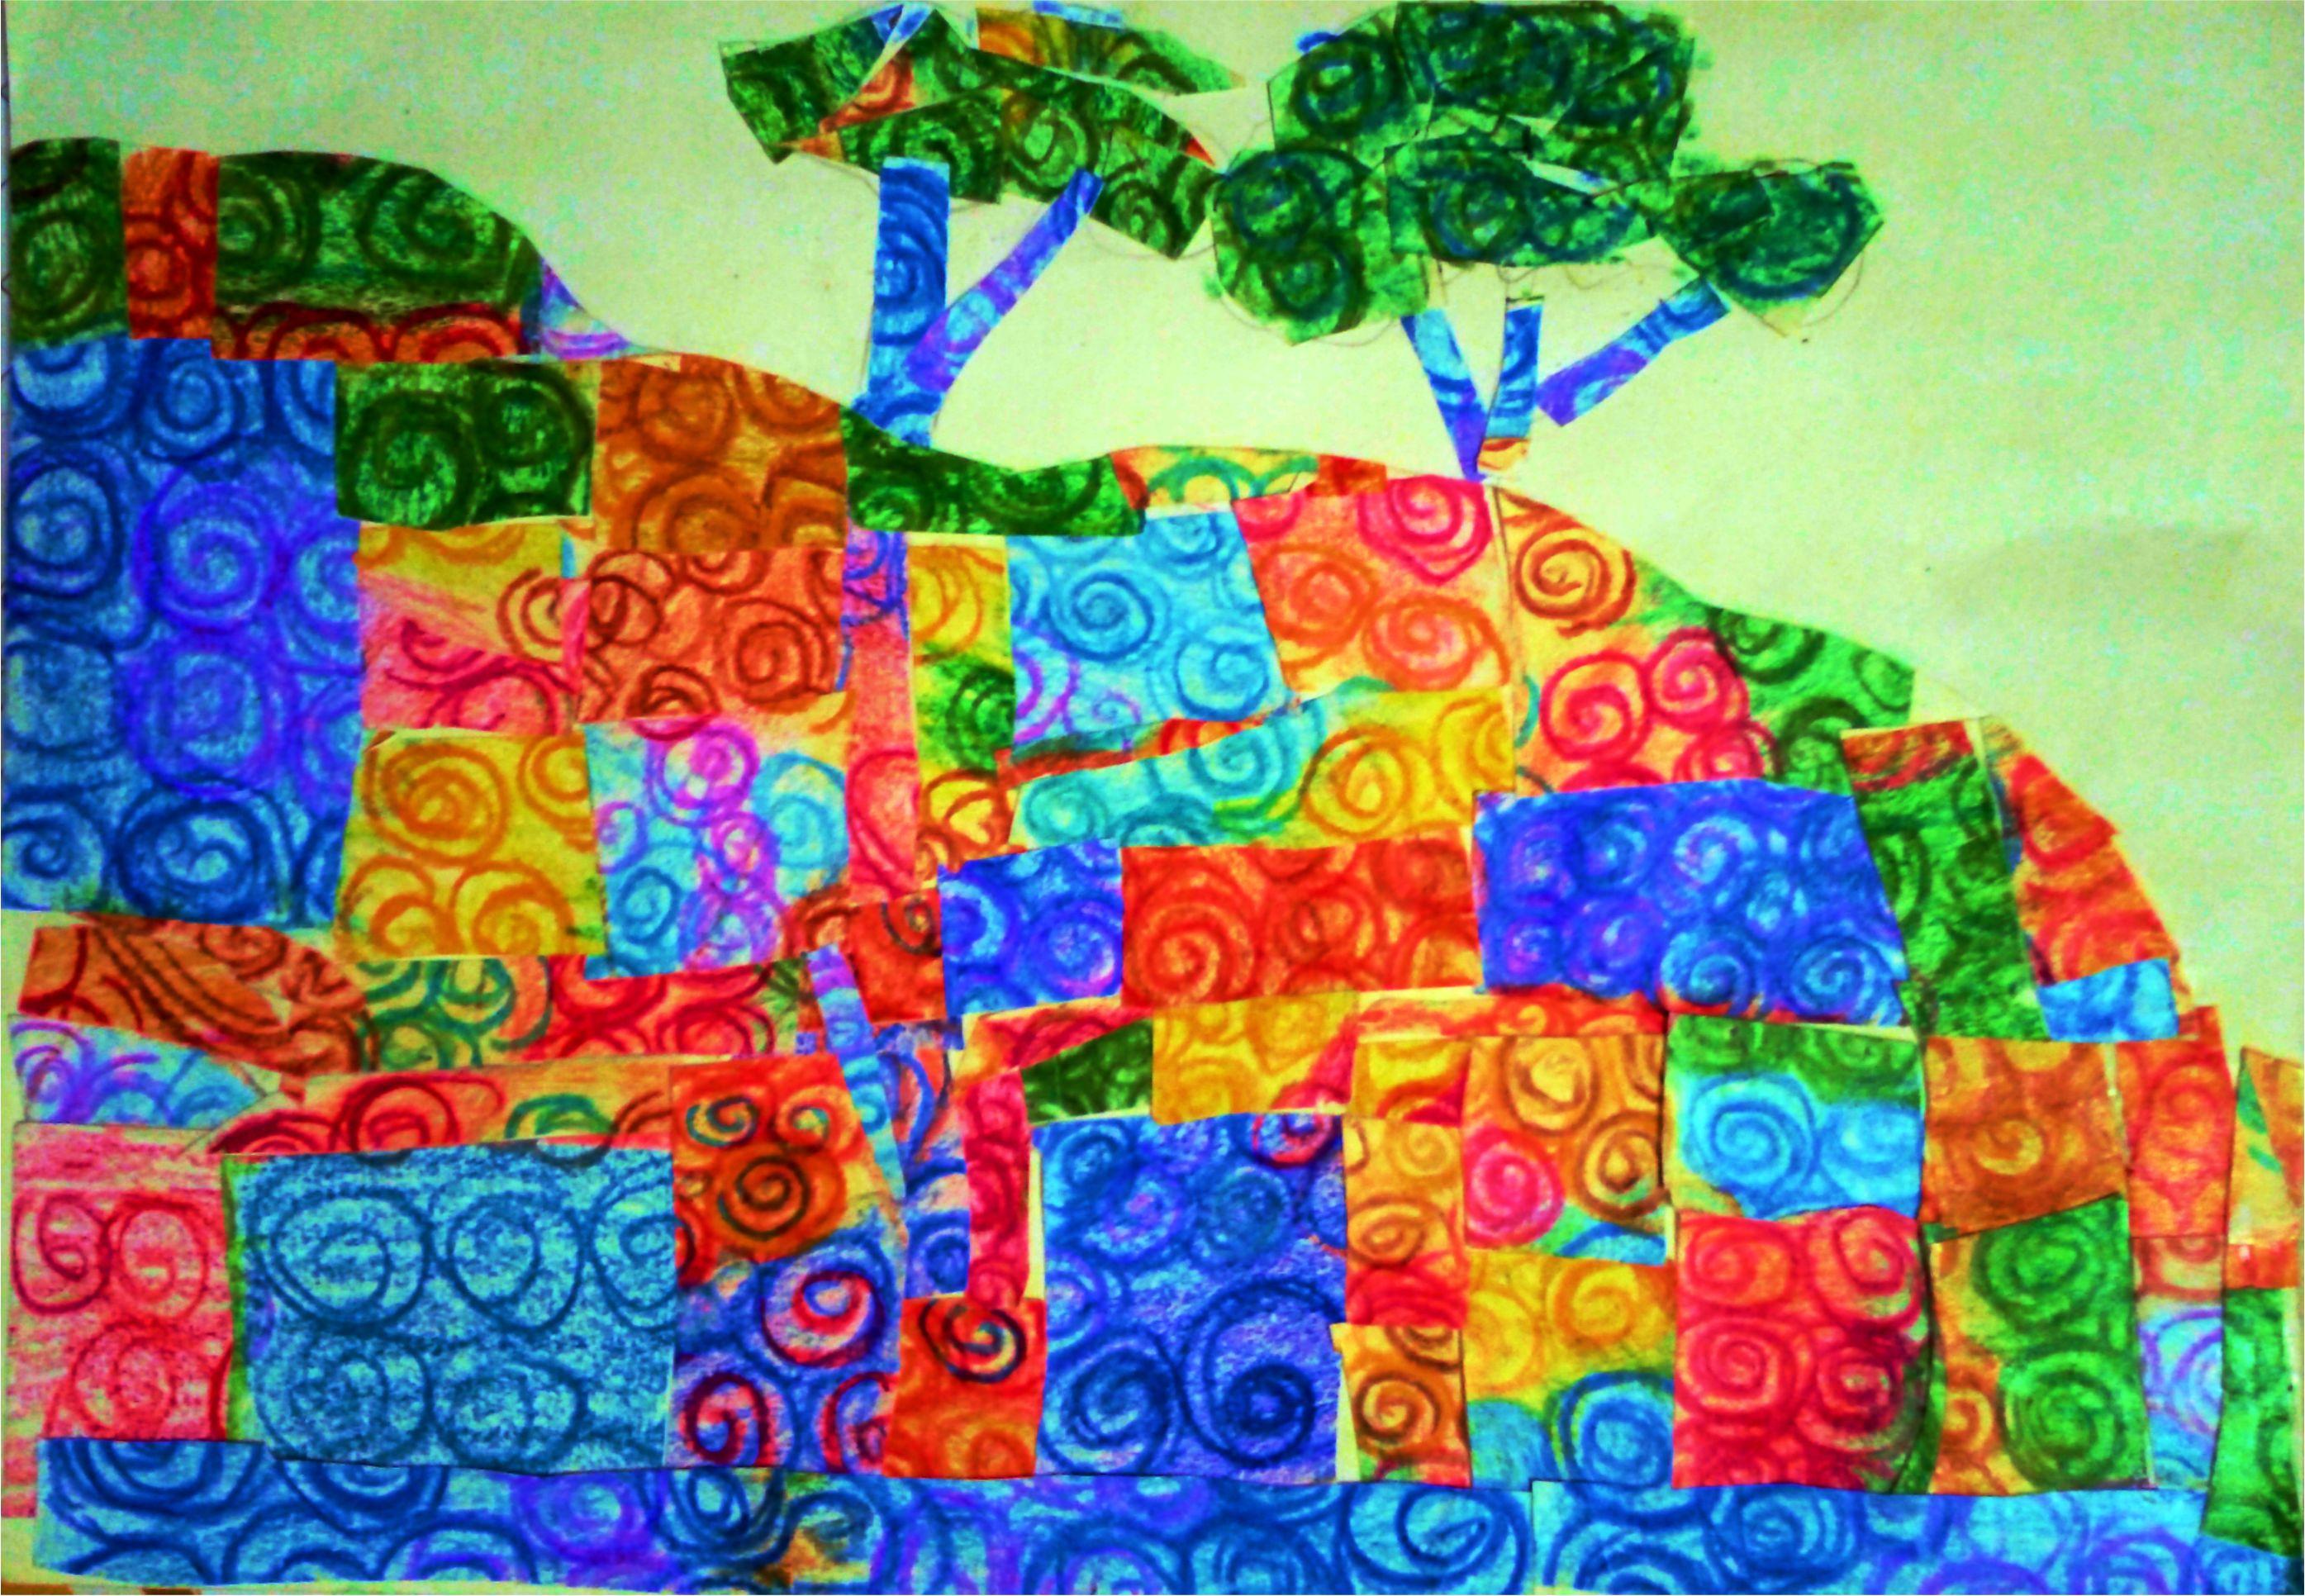 kenfortes art school - crayon art